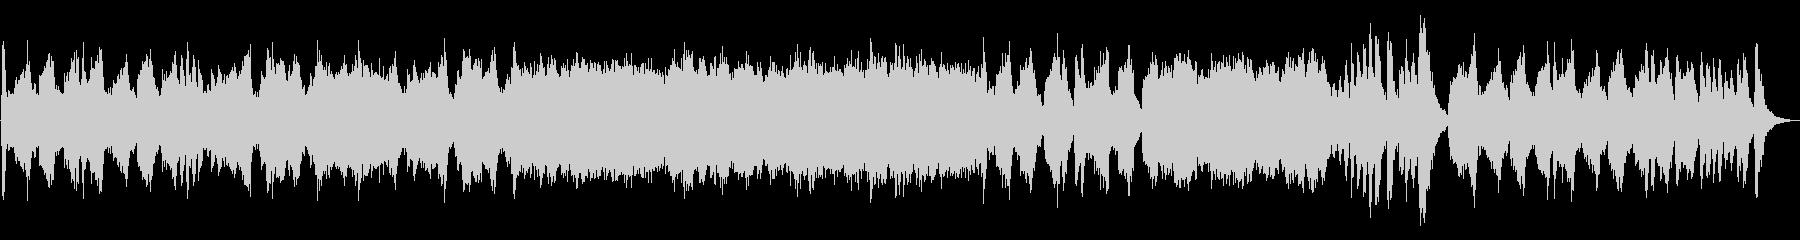 モダンな弦楽四重奏の未再生の波形